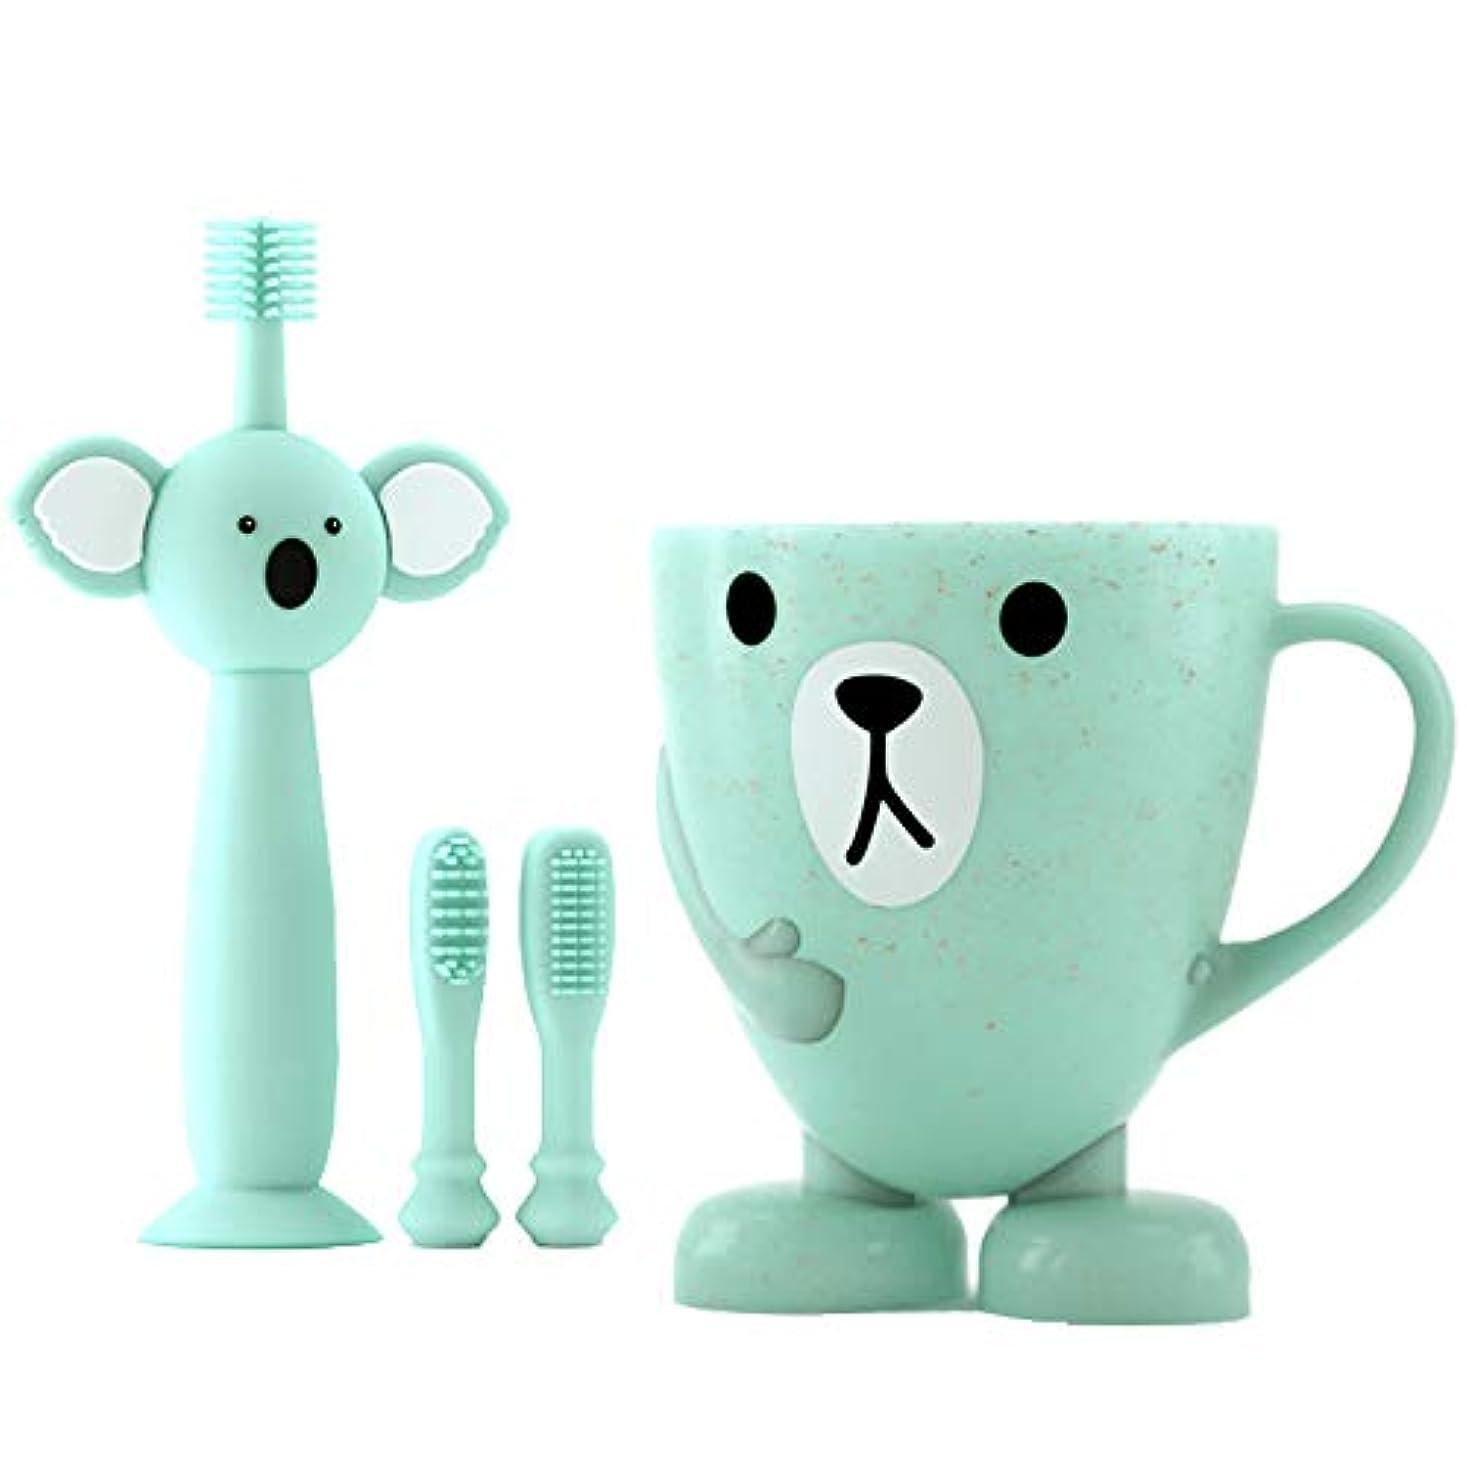 正統派毒性まとめるLUDNEE 子供用歯ブラシ 男女兼用 柔らかい 乳歯を保護する ベビー歯ブラシ シリコン歯ブラシ 乳歯用ブラシ (ブルー)